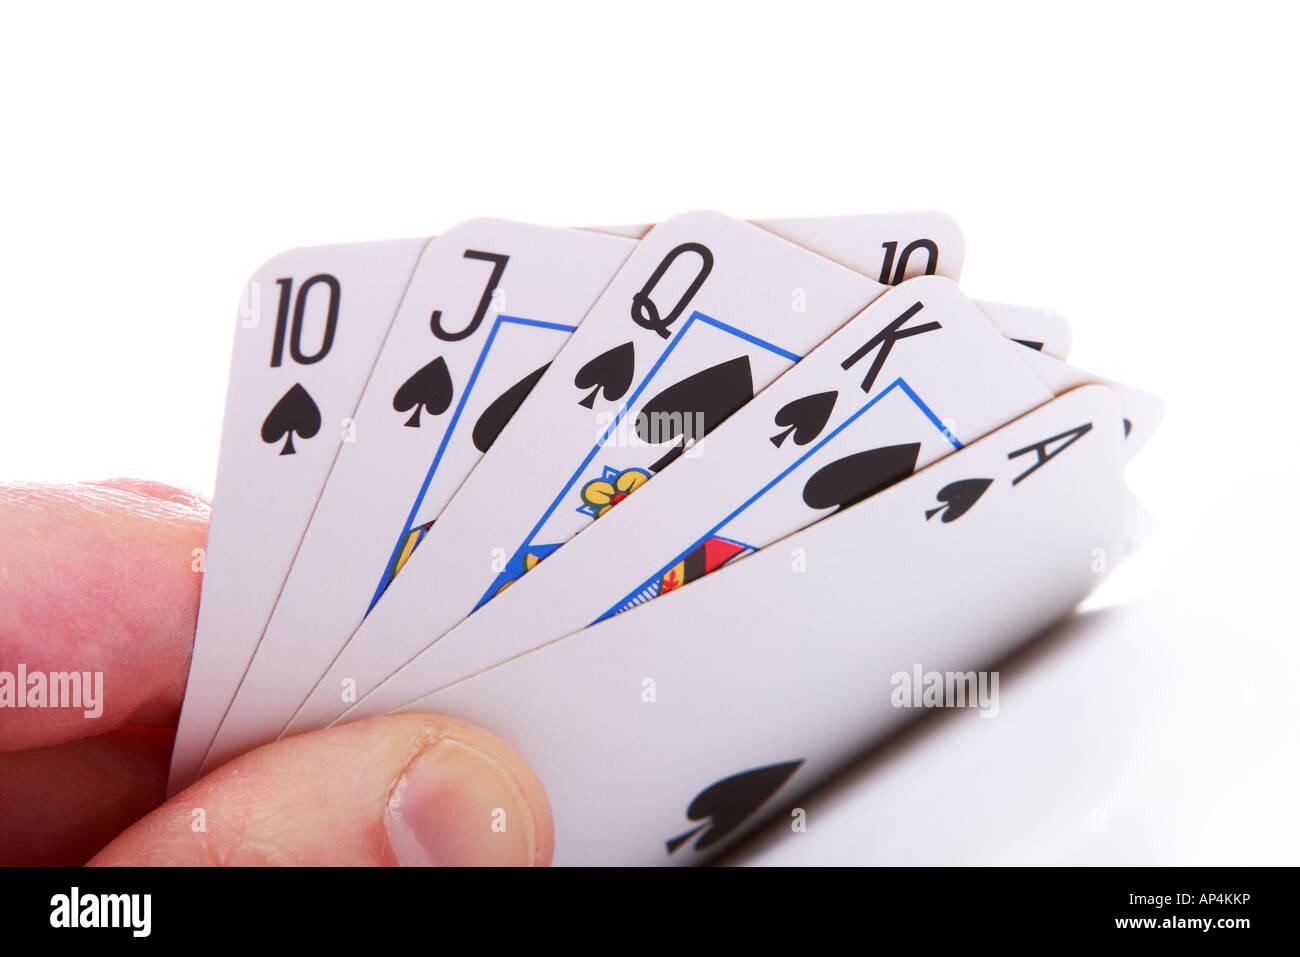 Poker hands winning